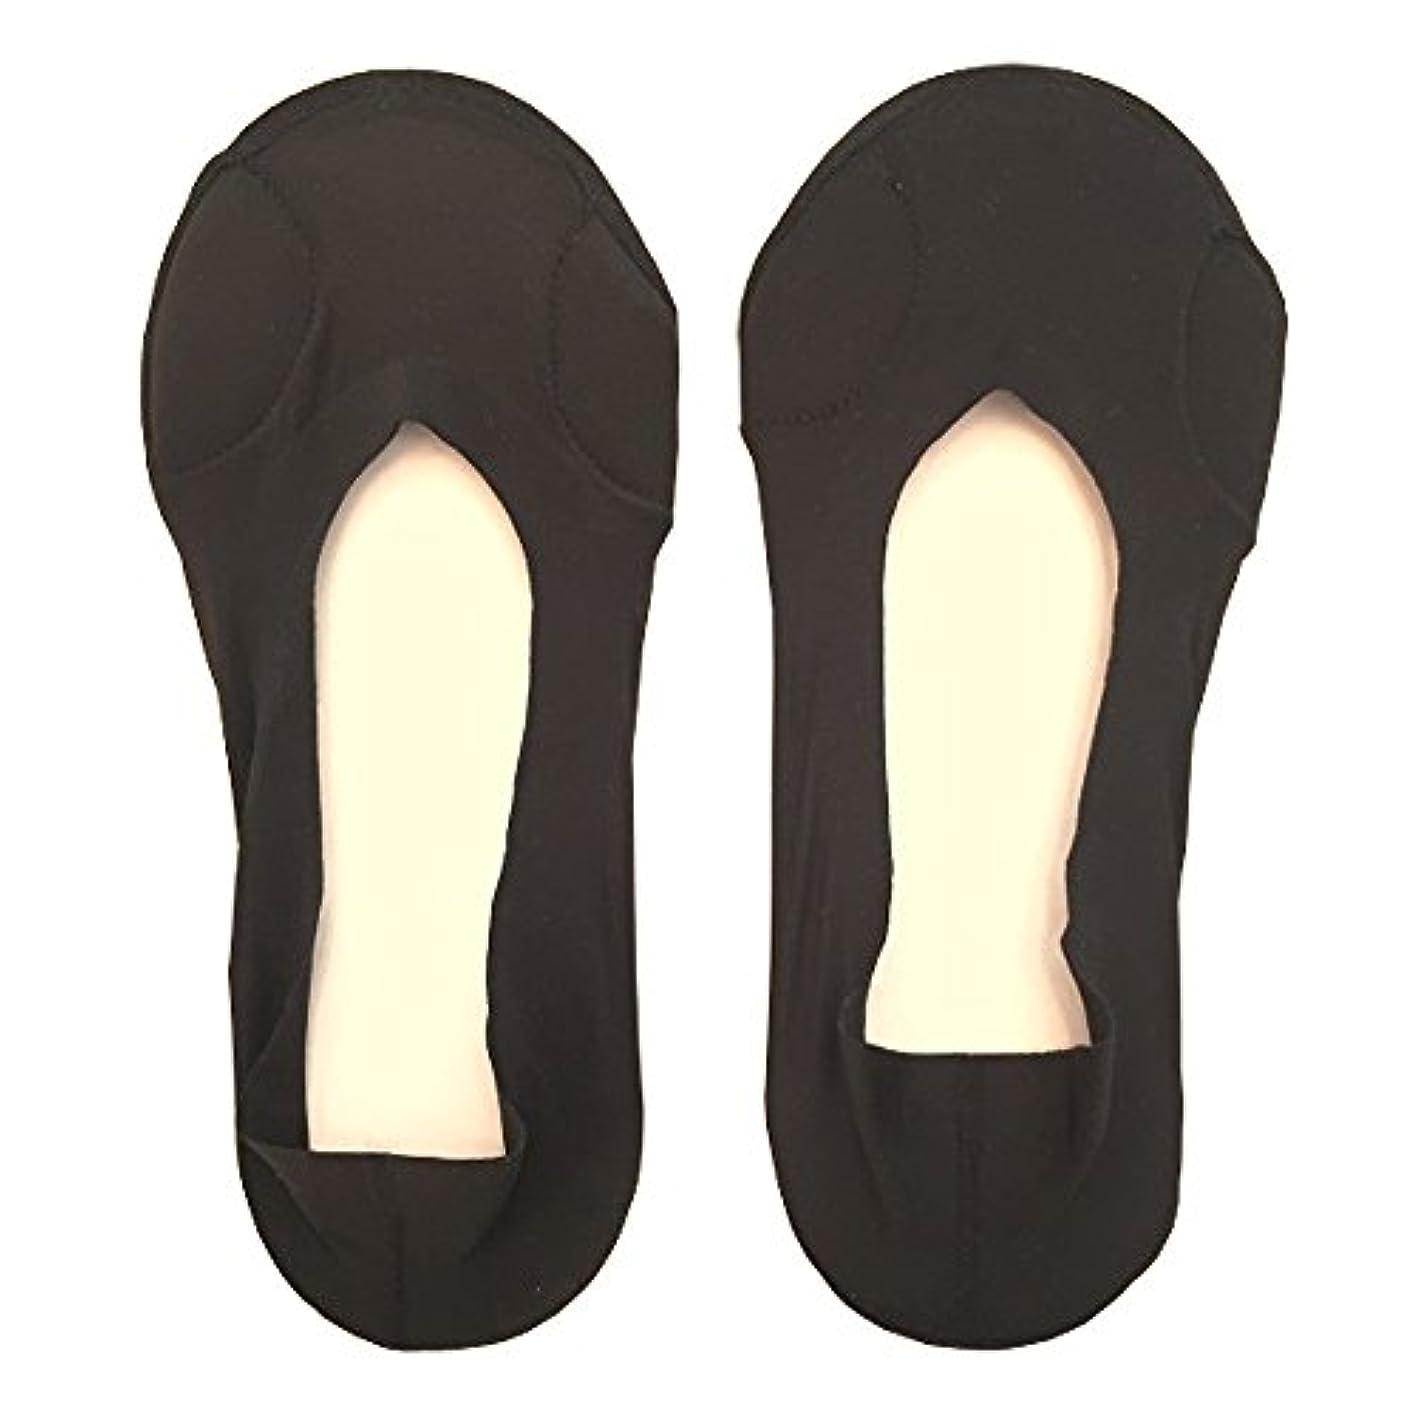 注文悪性劣るDrScholl(ドクターショール)靴ずれ防止フットカバー 指両側クッション付き 8805DR-07 ブラック